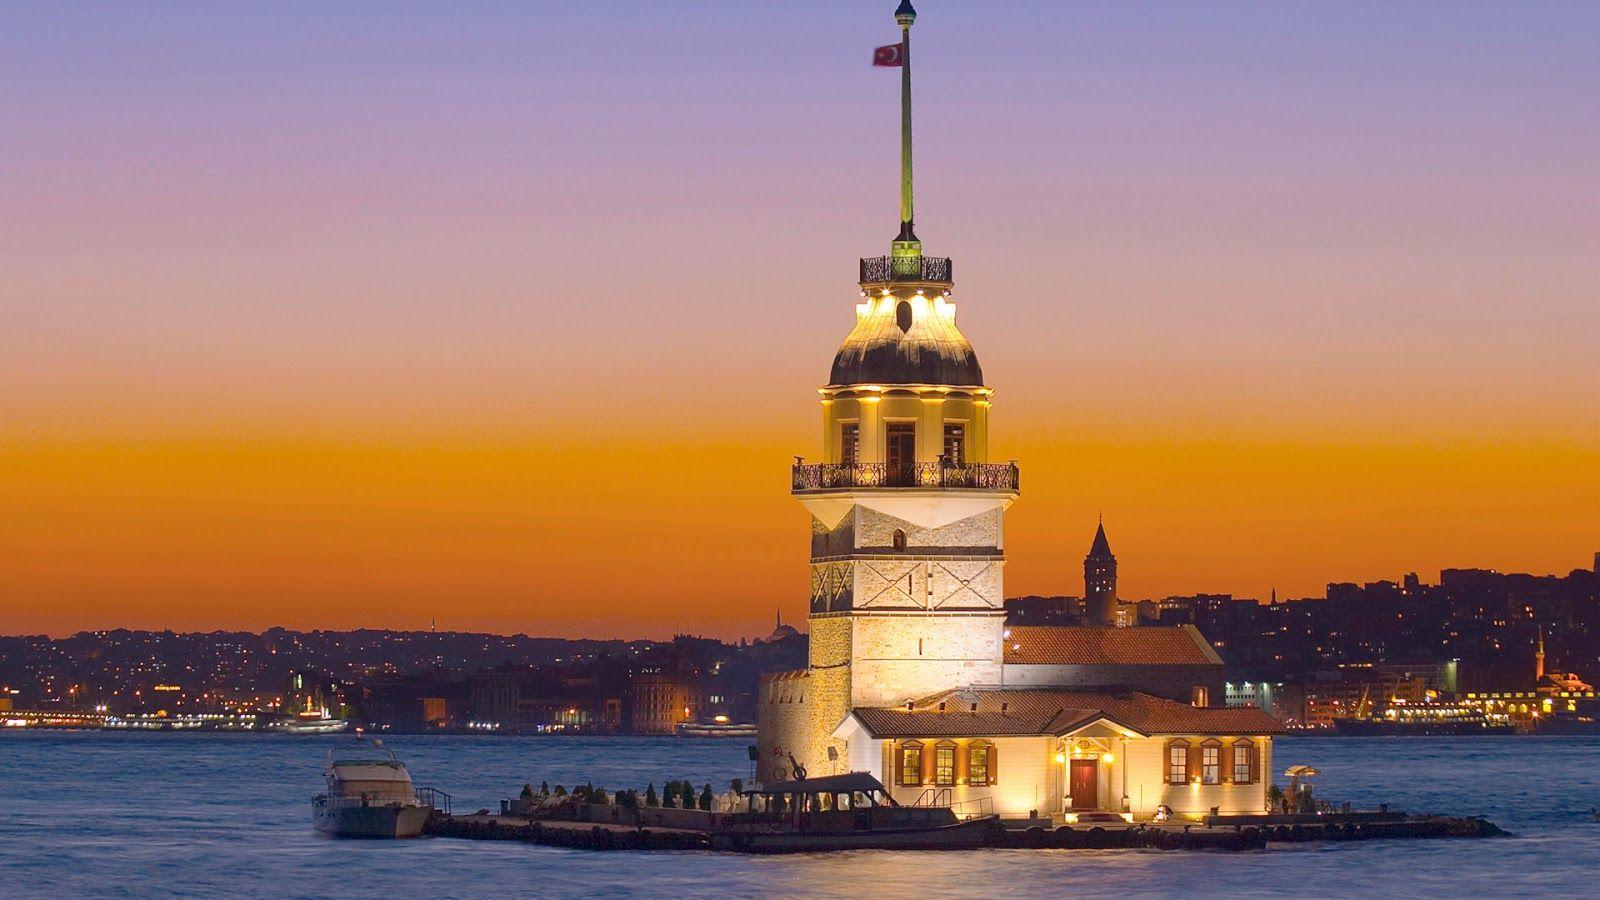 Hd Wallpapers Desktop Turkey Country Hd Desktop Wallpapers Istanbul Istanbul Travel Turkey Travel